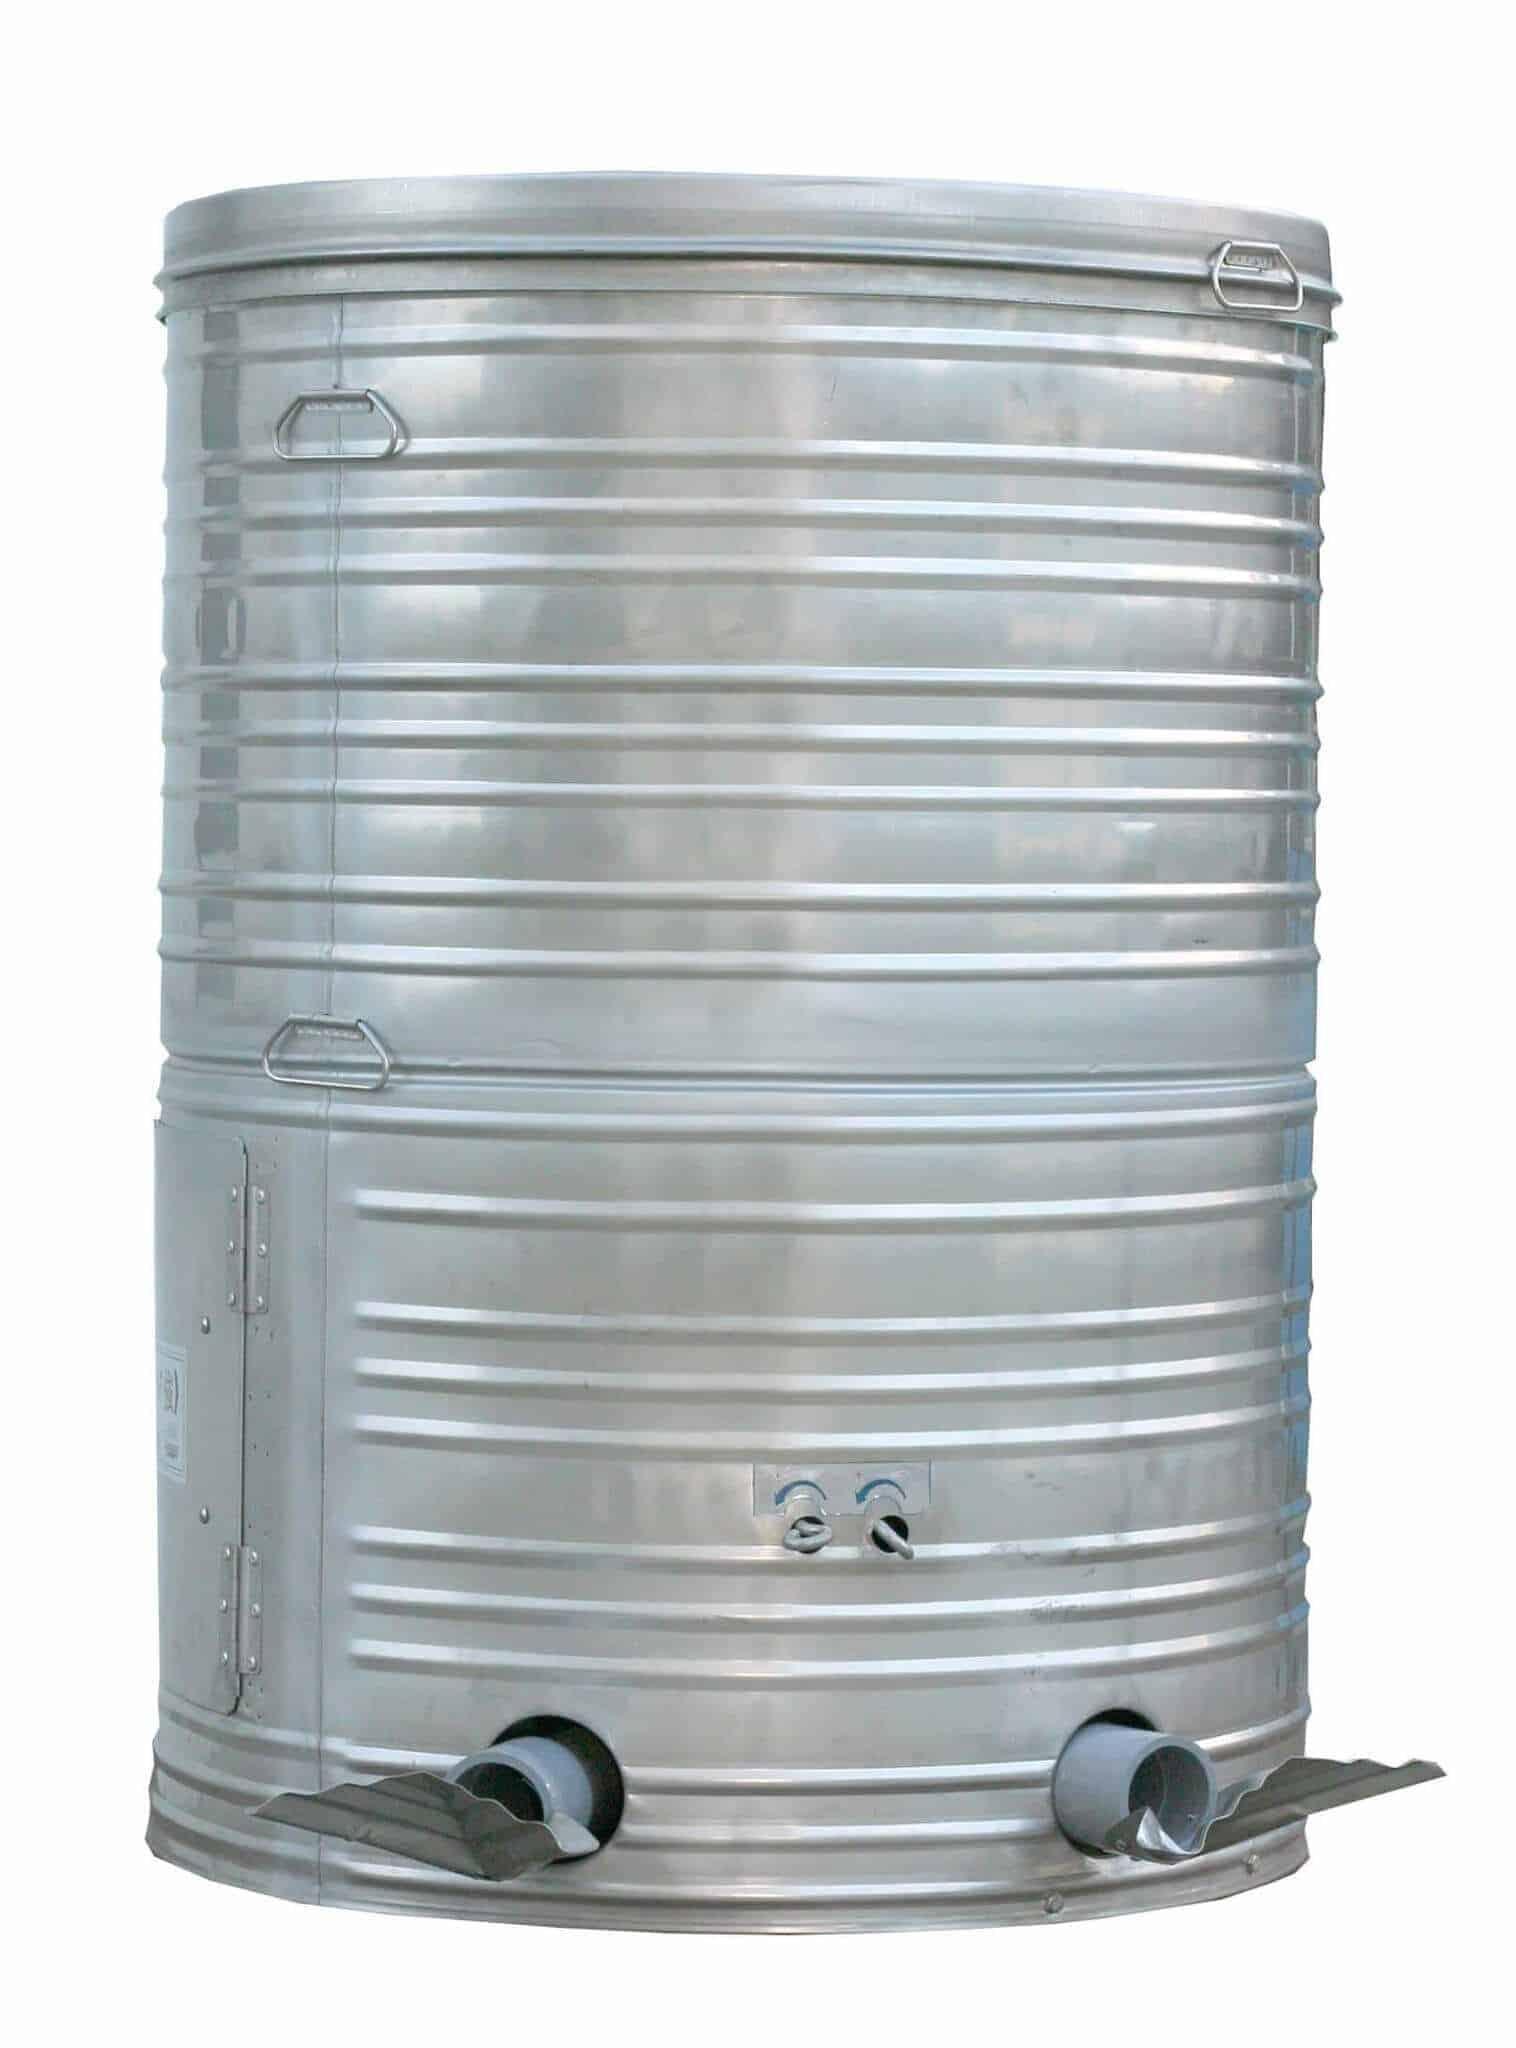 מאביס חבית 150 קילו